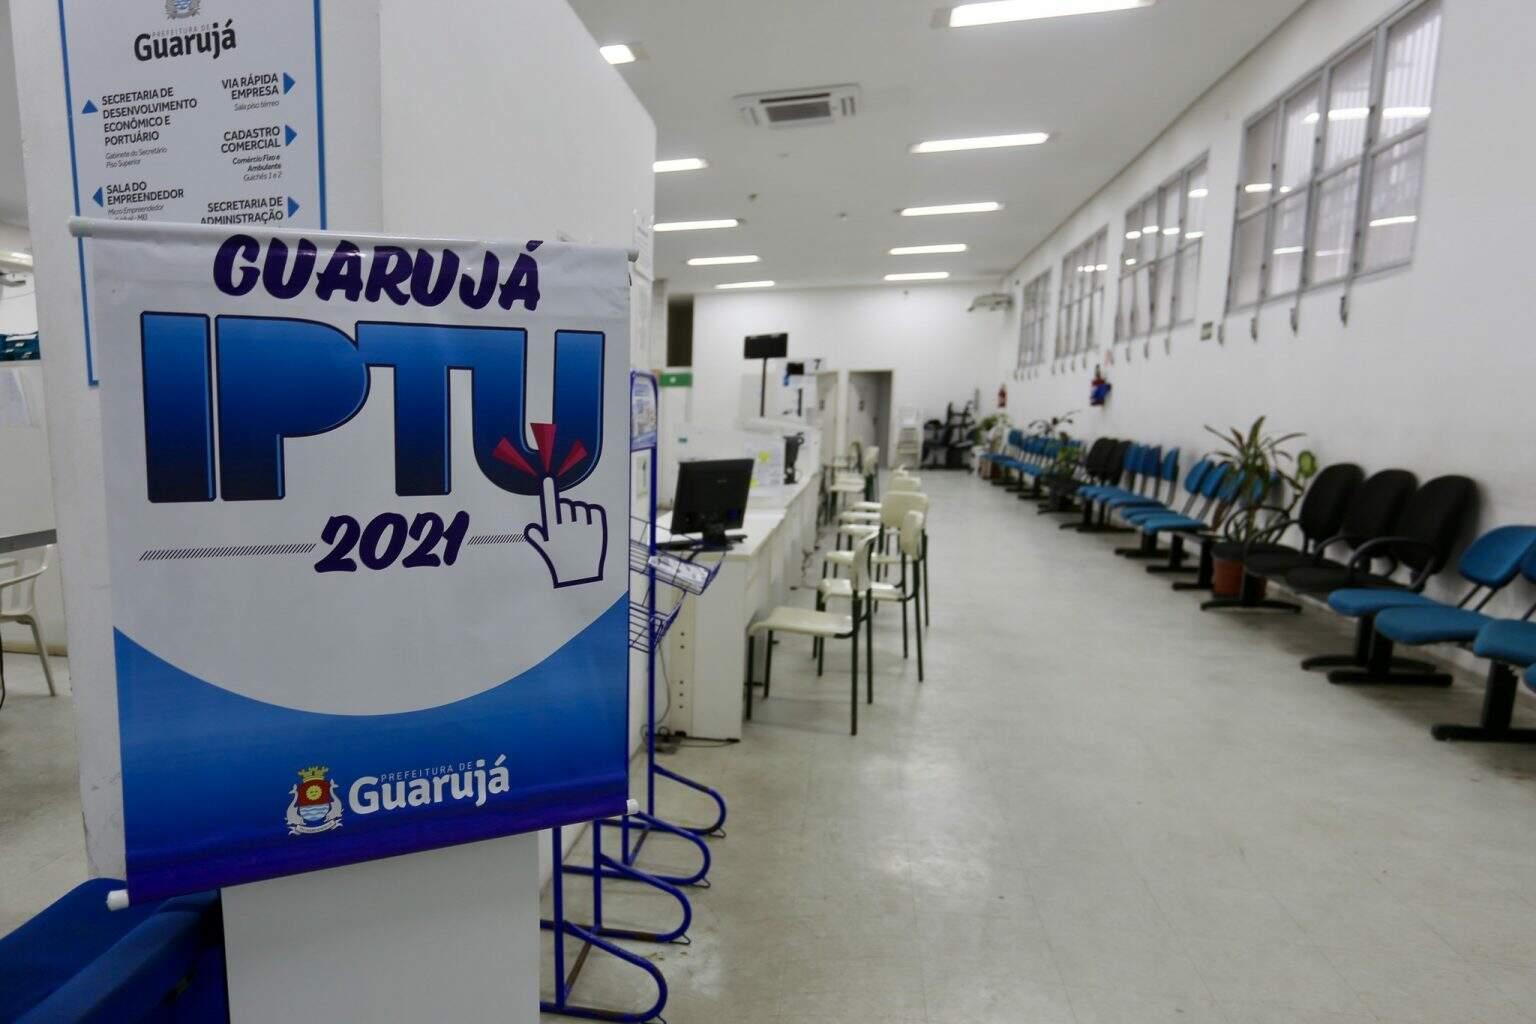 Prazo para a 2ª parcela do IPTU em Guarujá